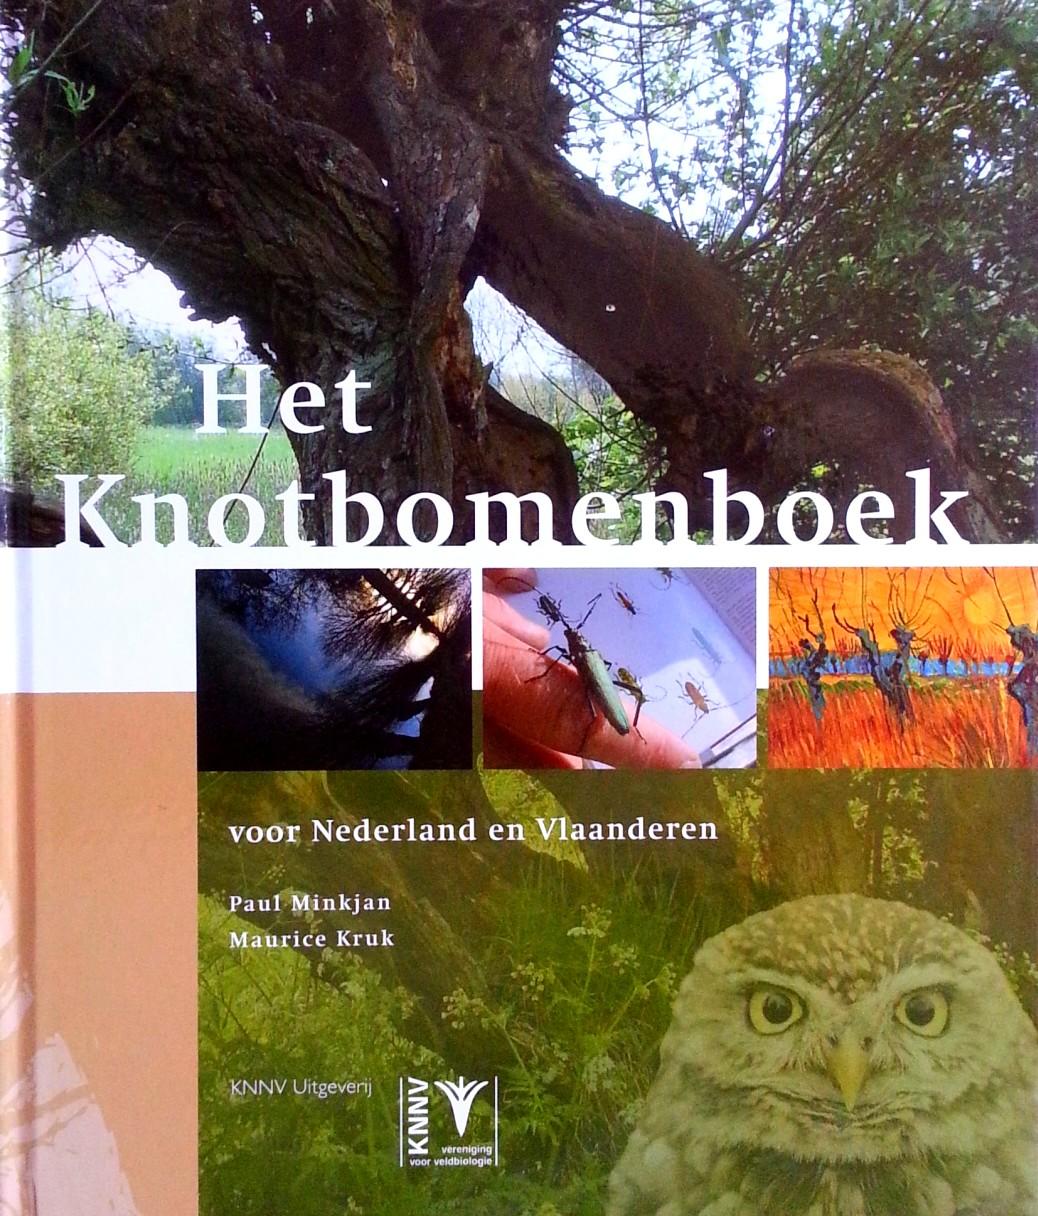 Het Knotbomenboek